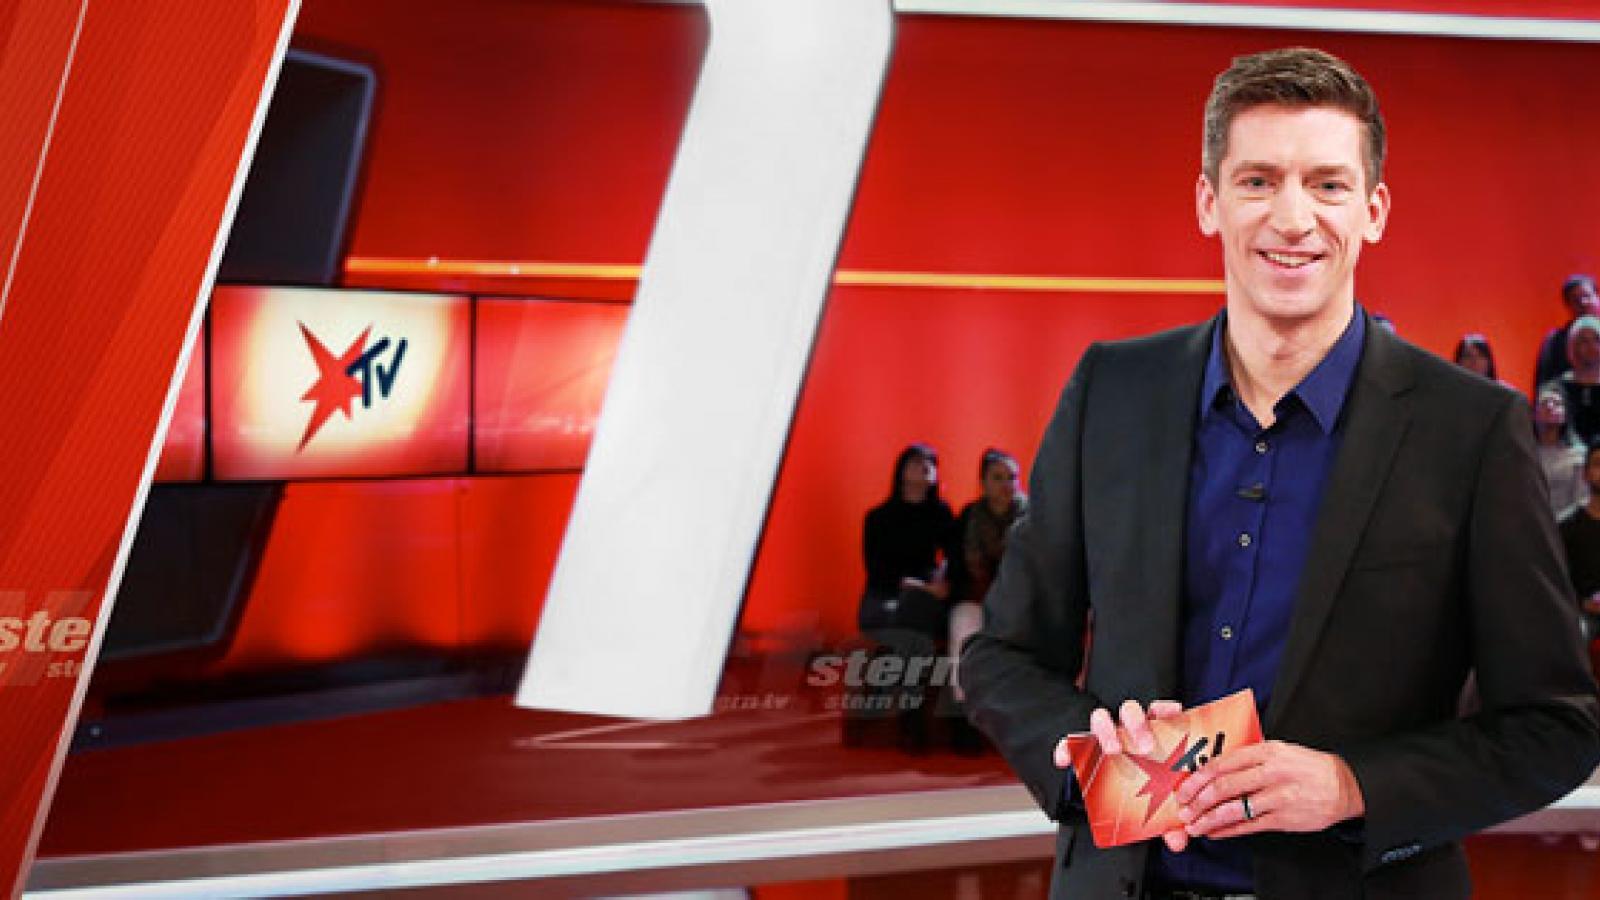 Stern Tv Online